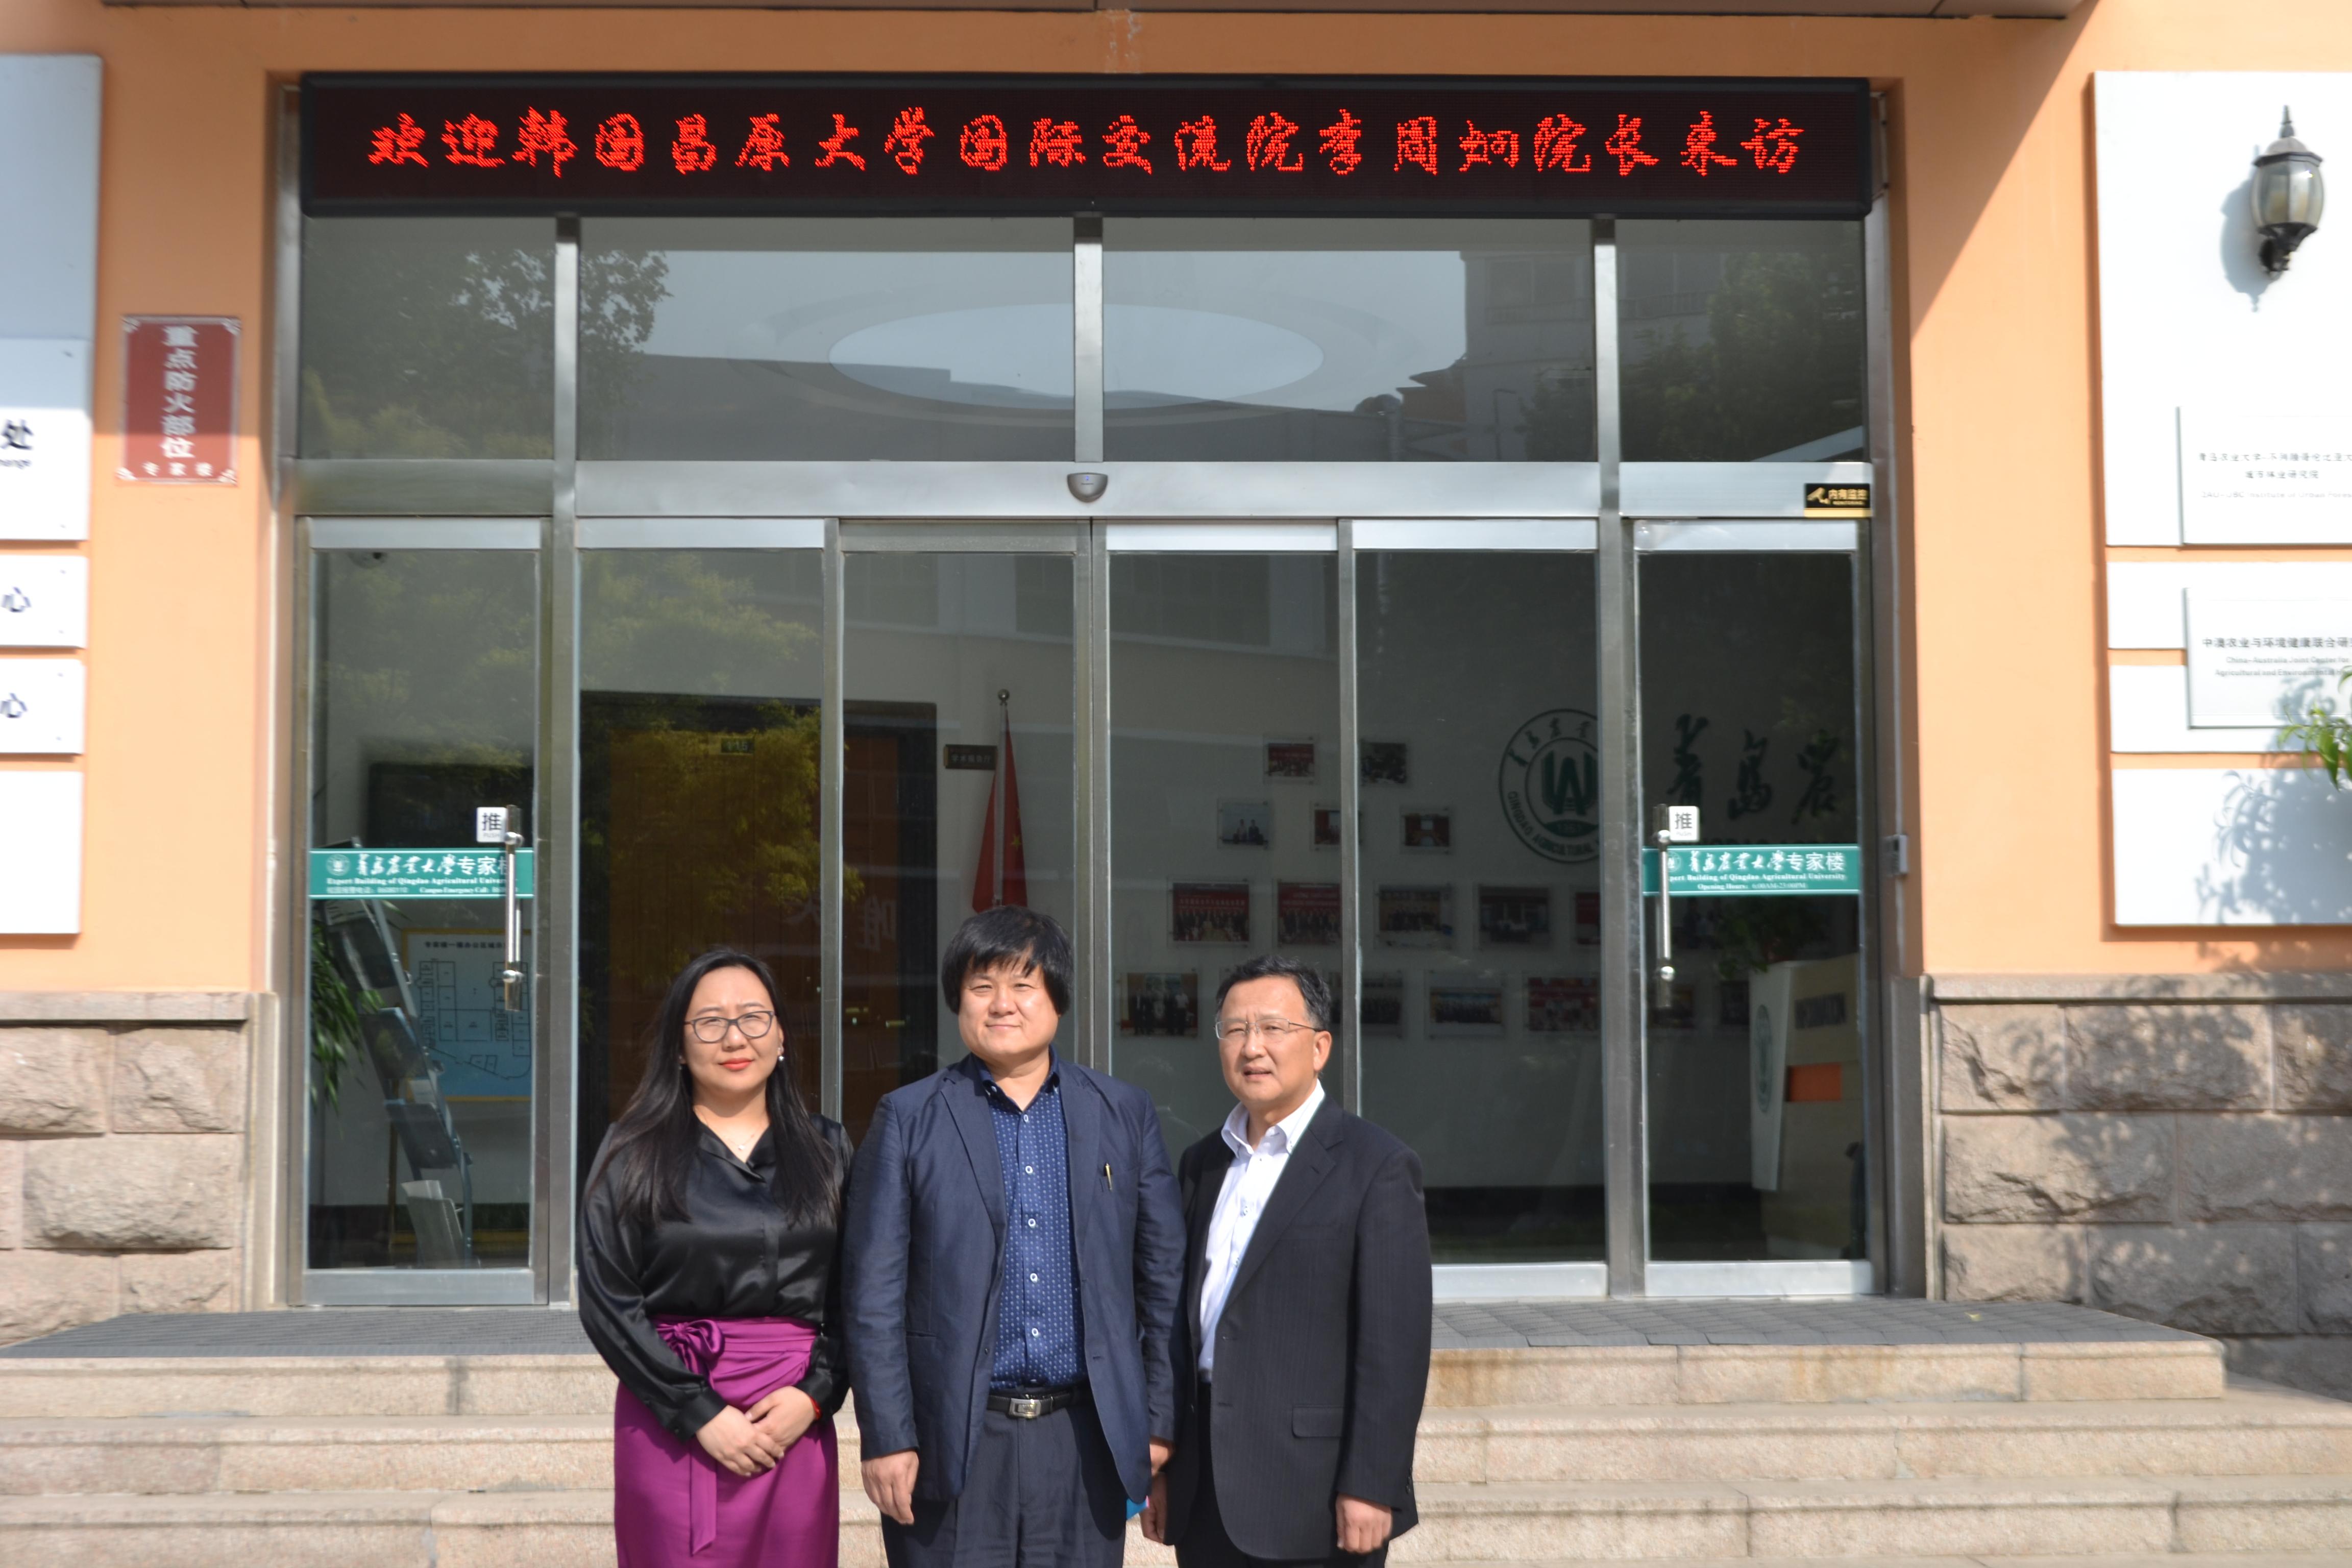 韩国国立昌原大学国际交流院院长李周炯来访我校